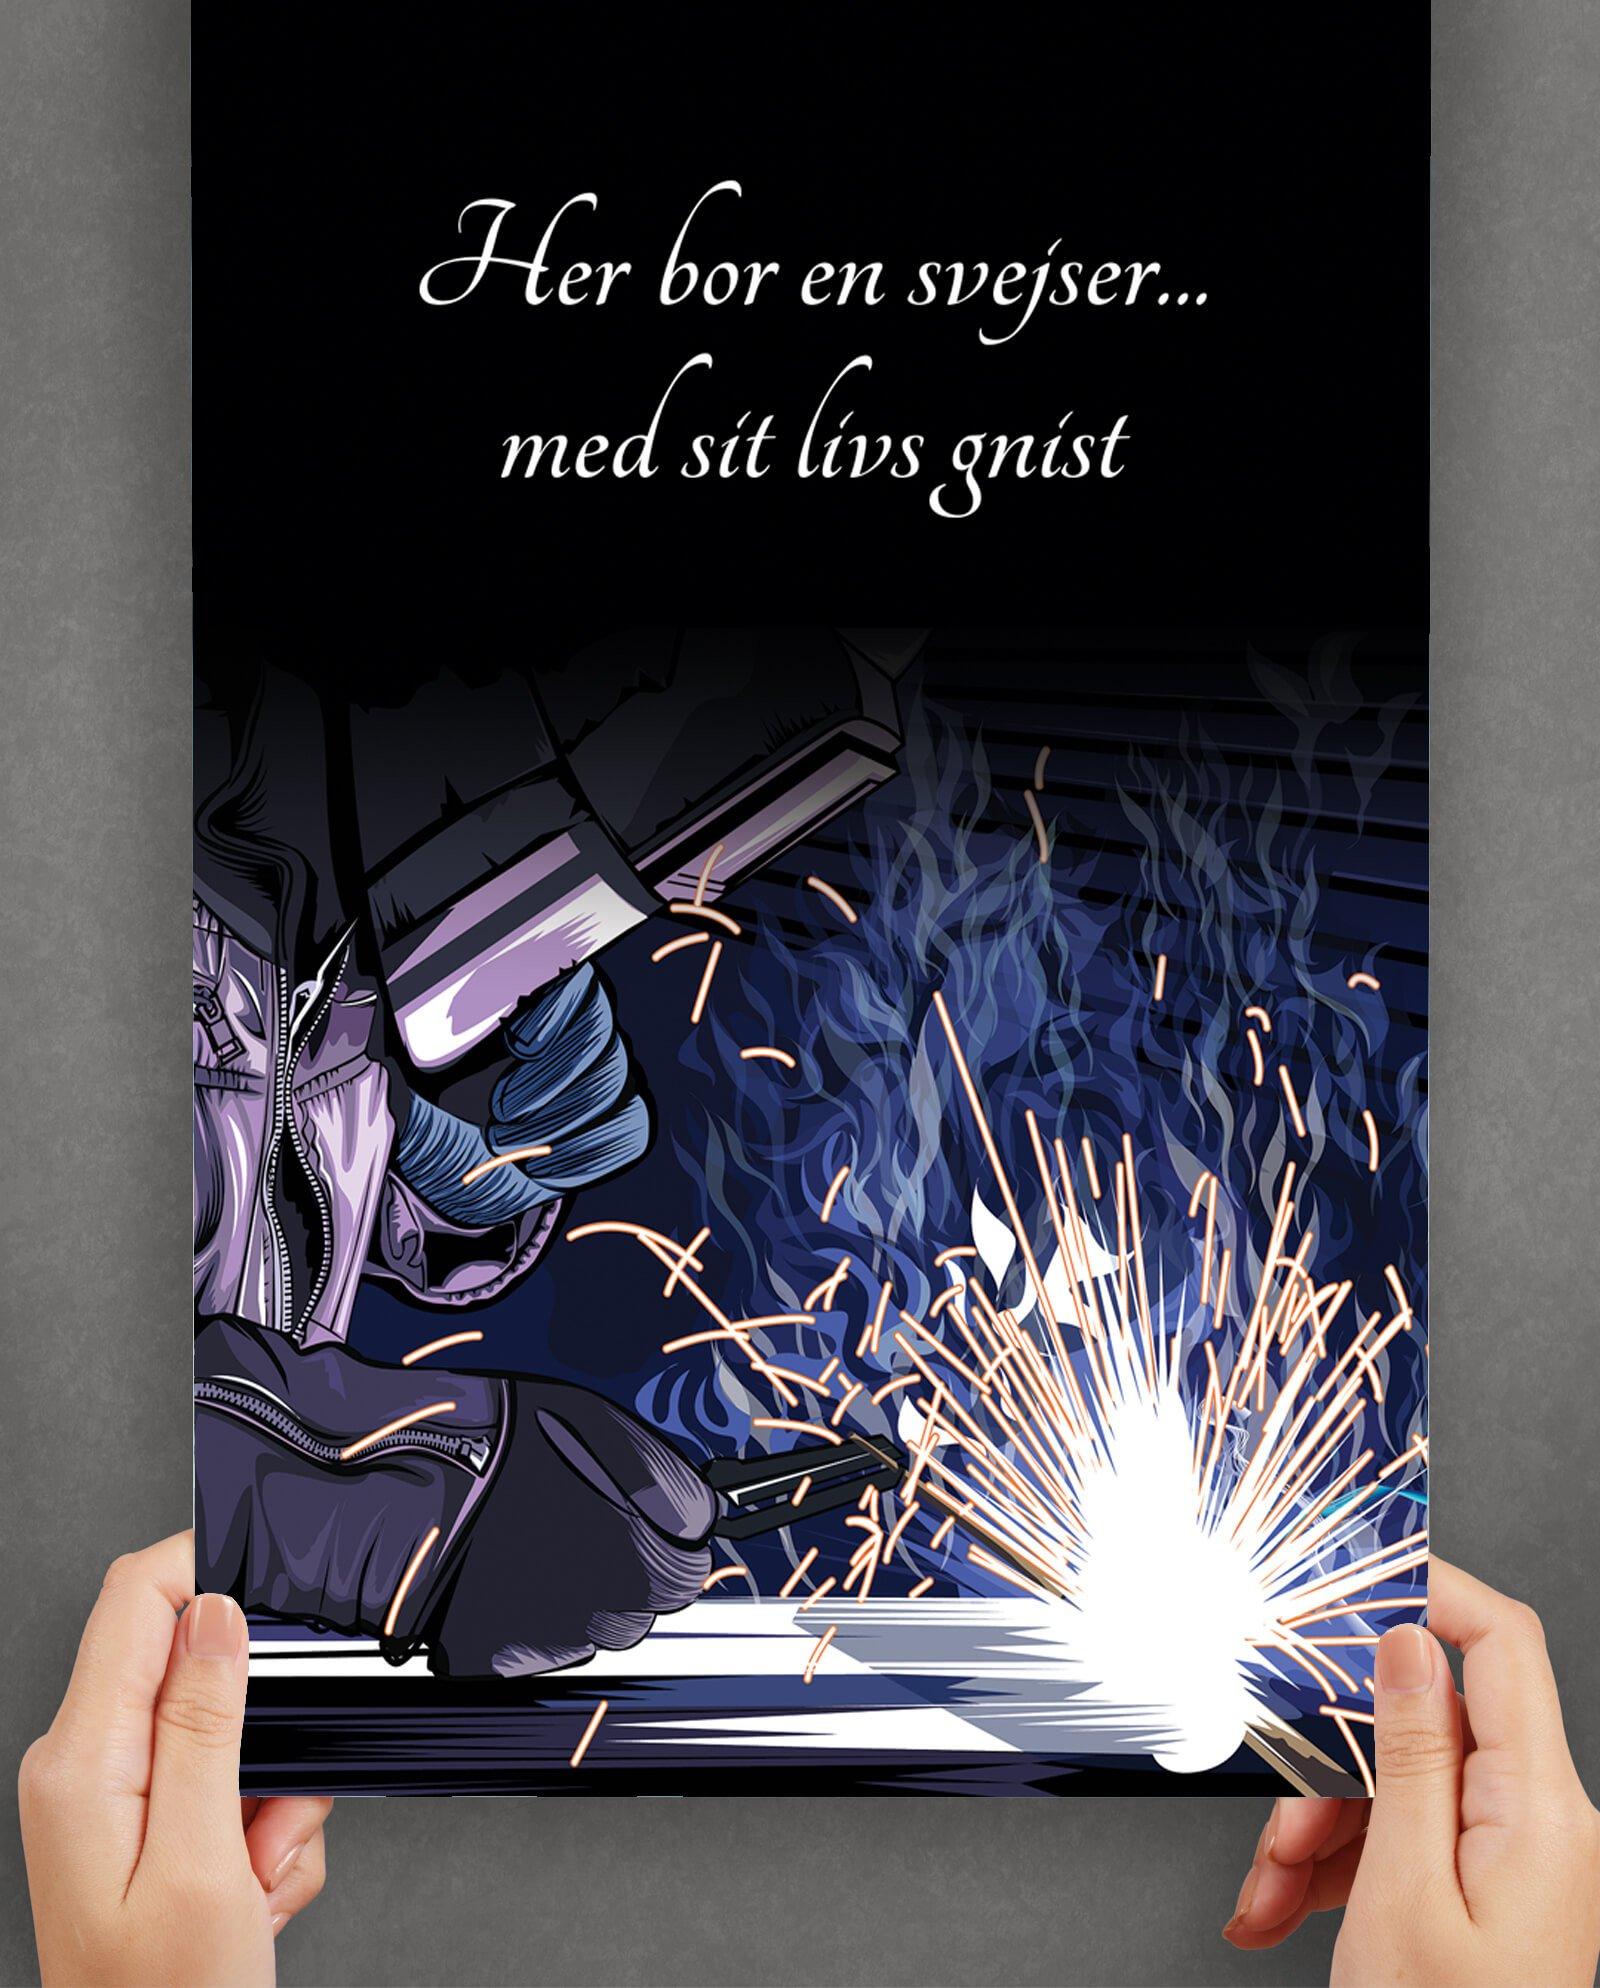 svejser-moerk-plakat-2